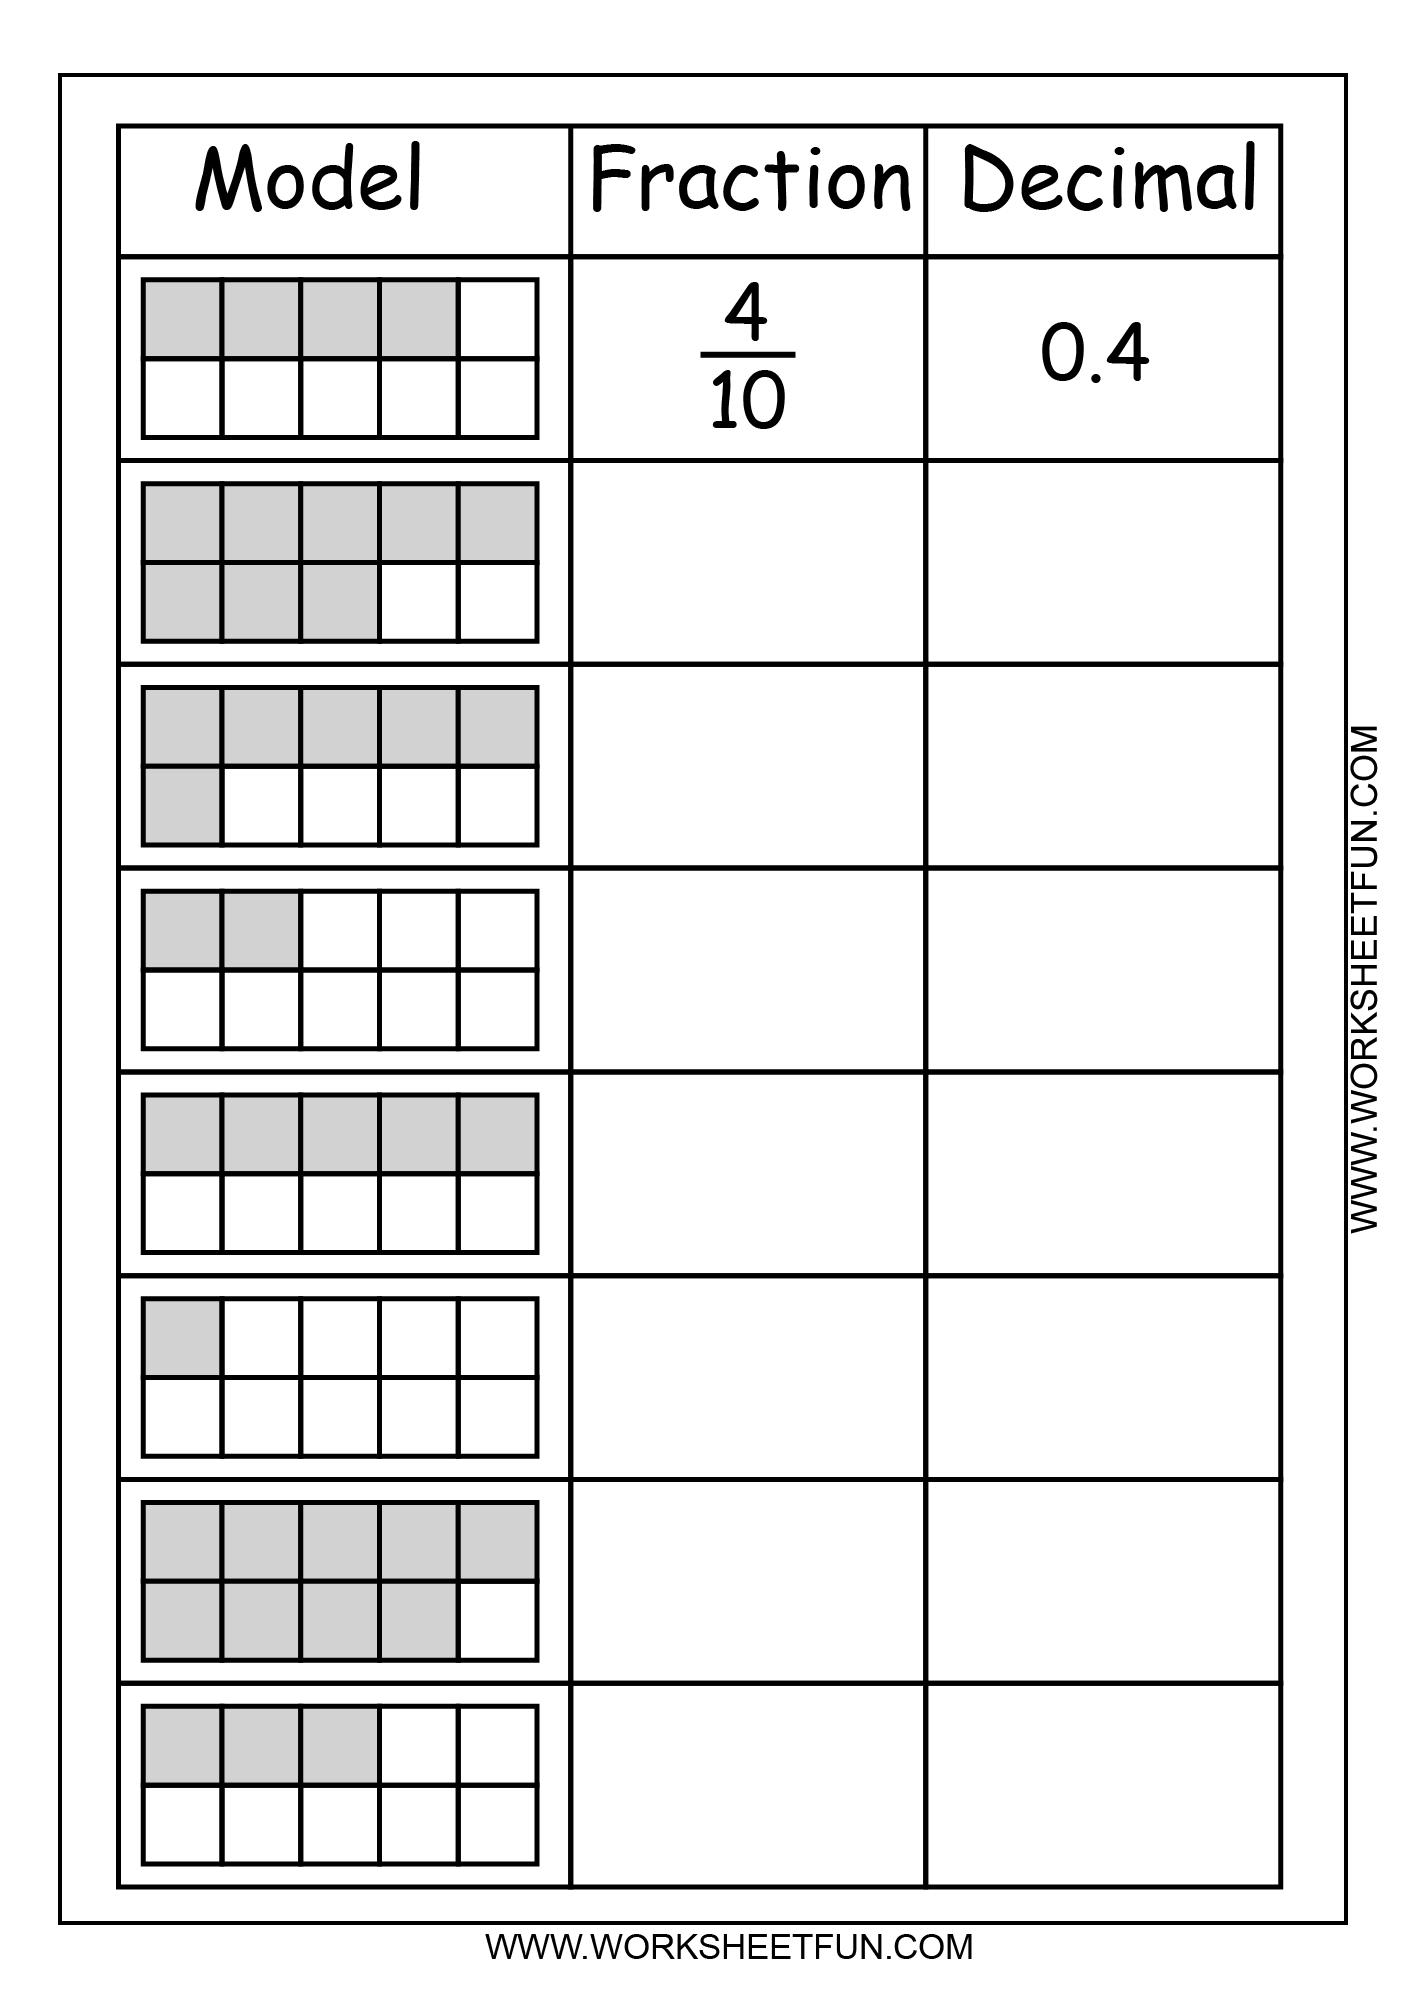 hight resolution of model-fraction-decimal-2.png 1